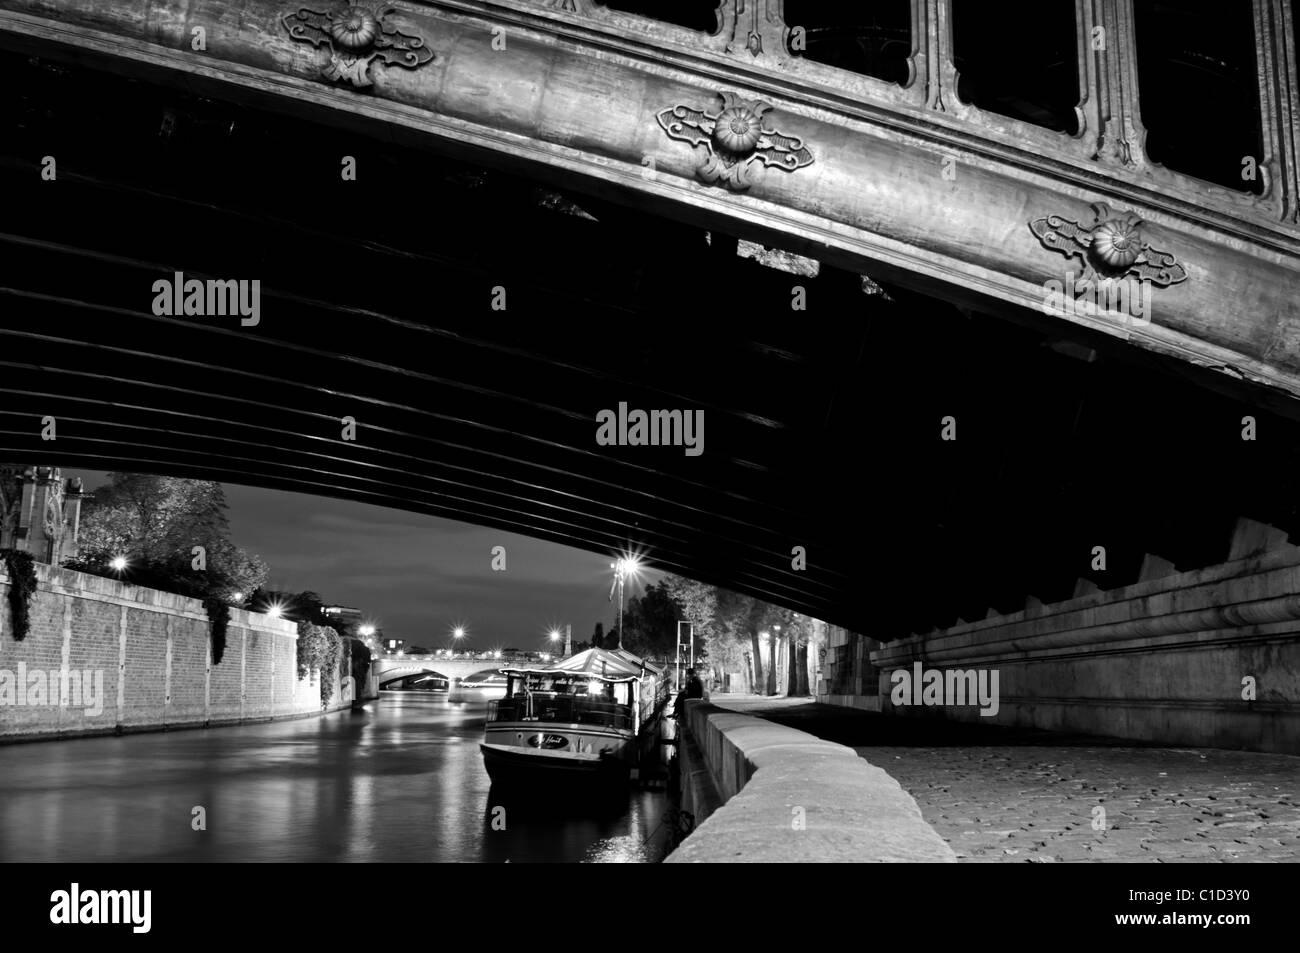 Pont au Double bridge in Paris at night - Stock Image